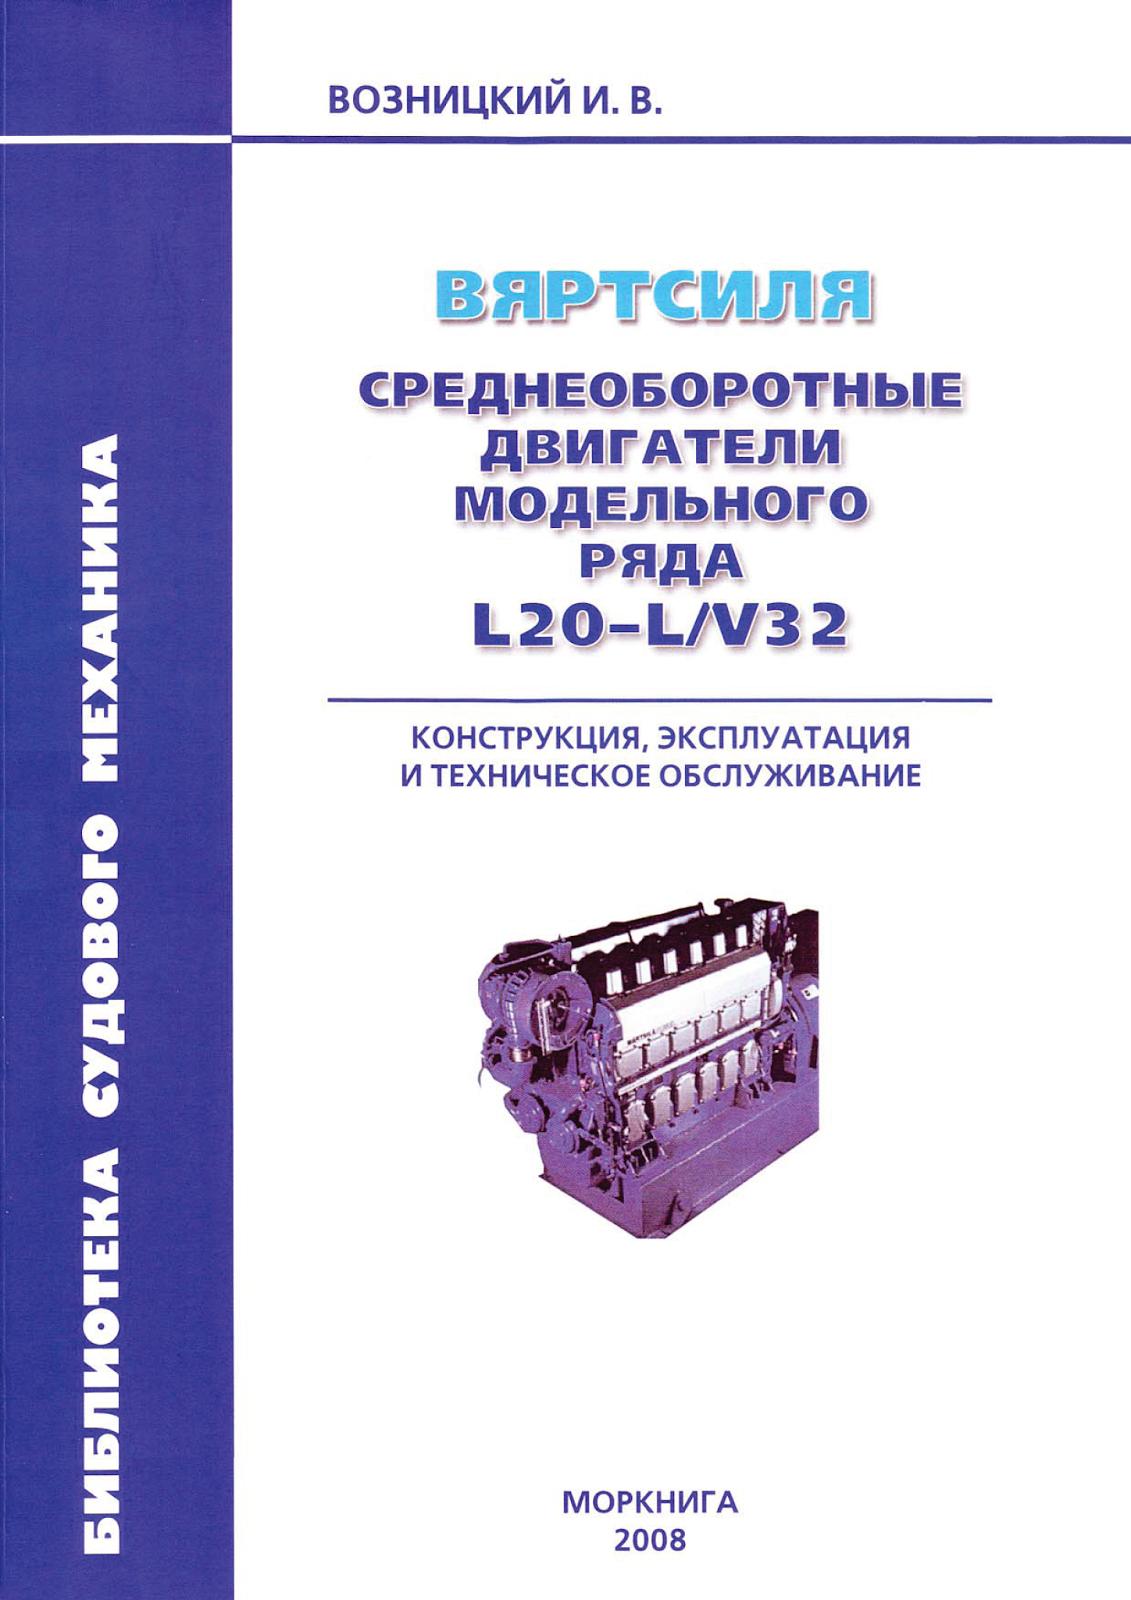 инструкция по монтажу пуску регулированию и обкатке судовой системы электродвижения